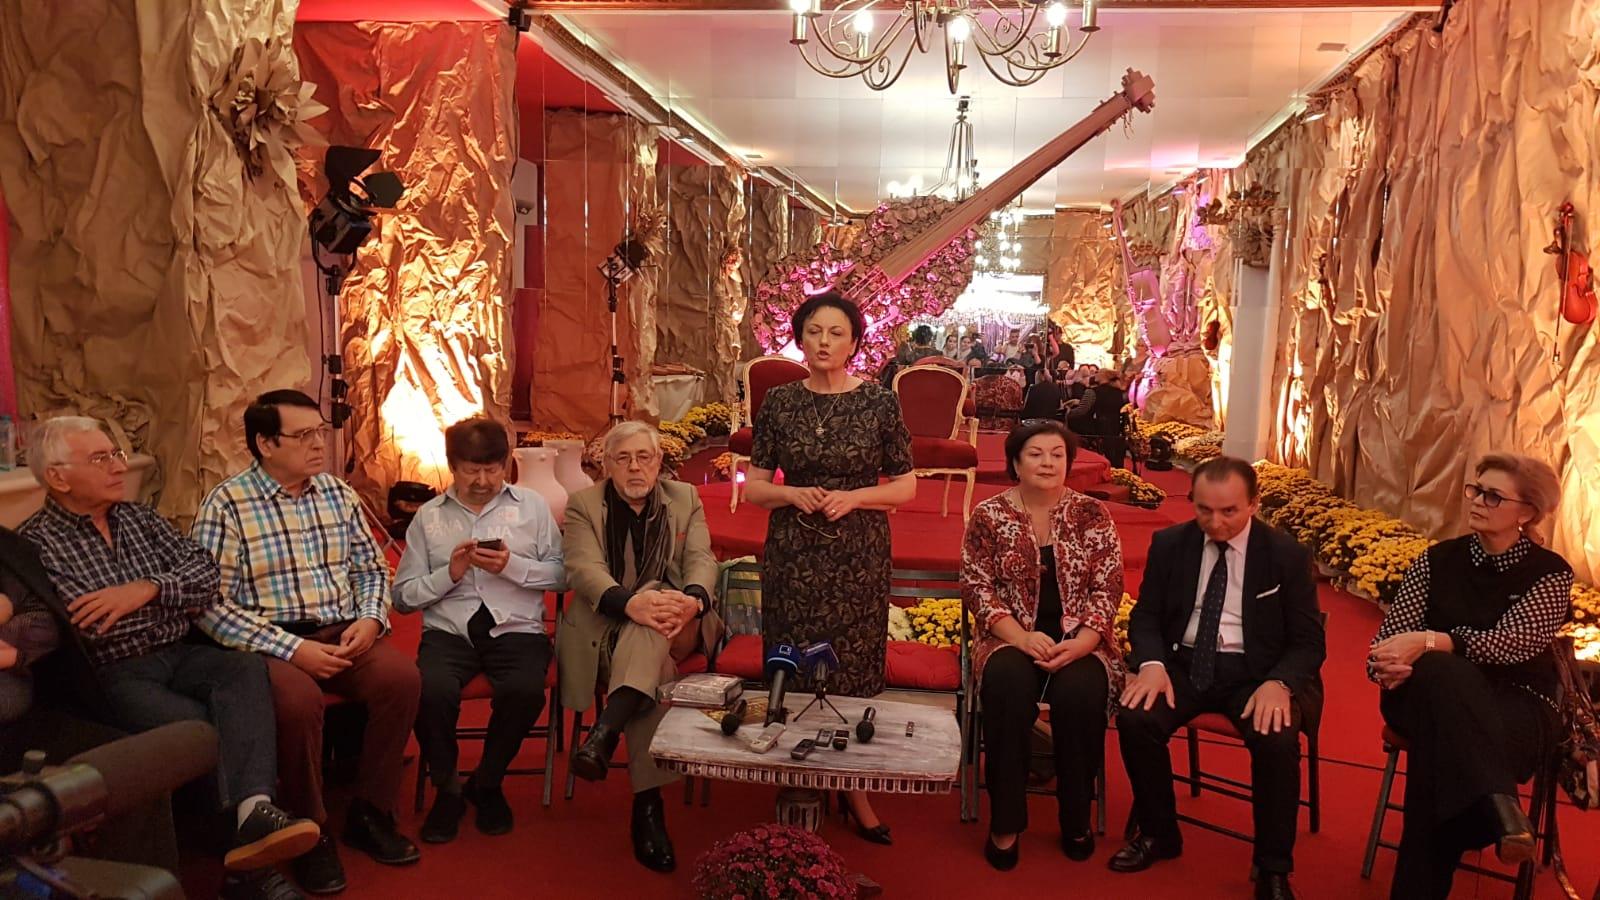 După ce a zăbovit timp de trei zile la Târgovişte… romanţa pleacă să cucerească ţara